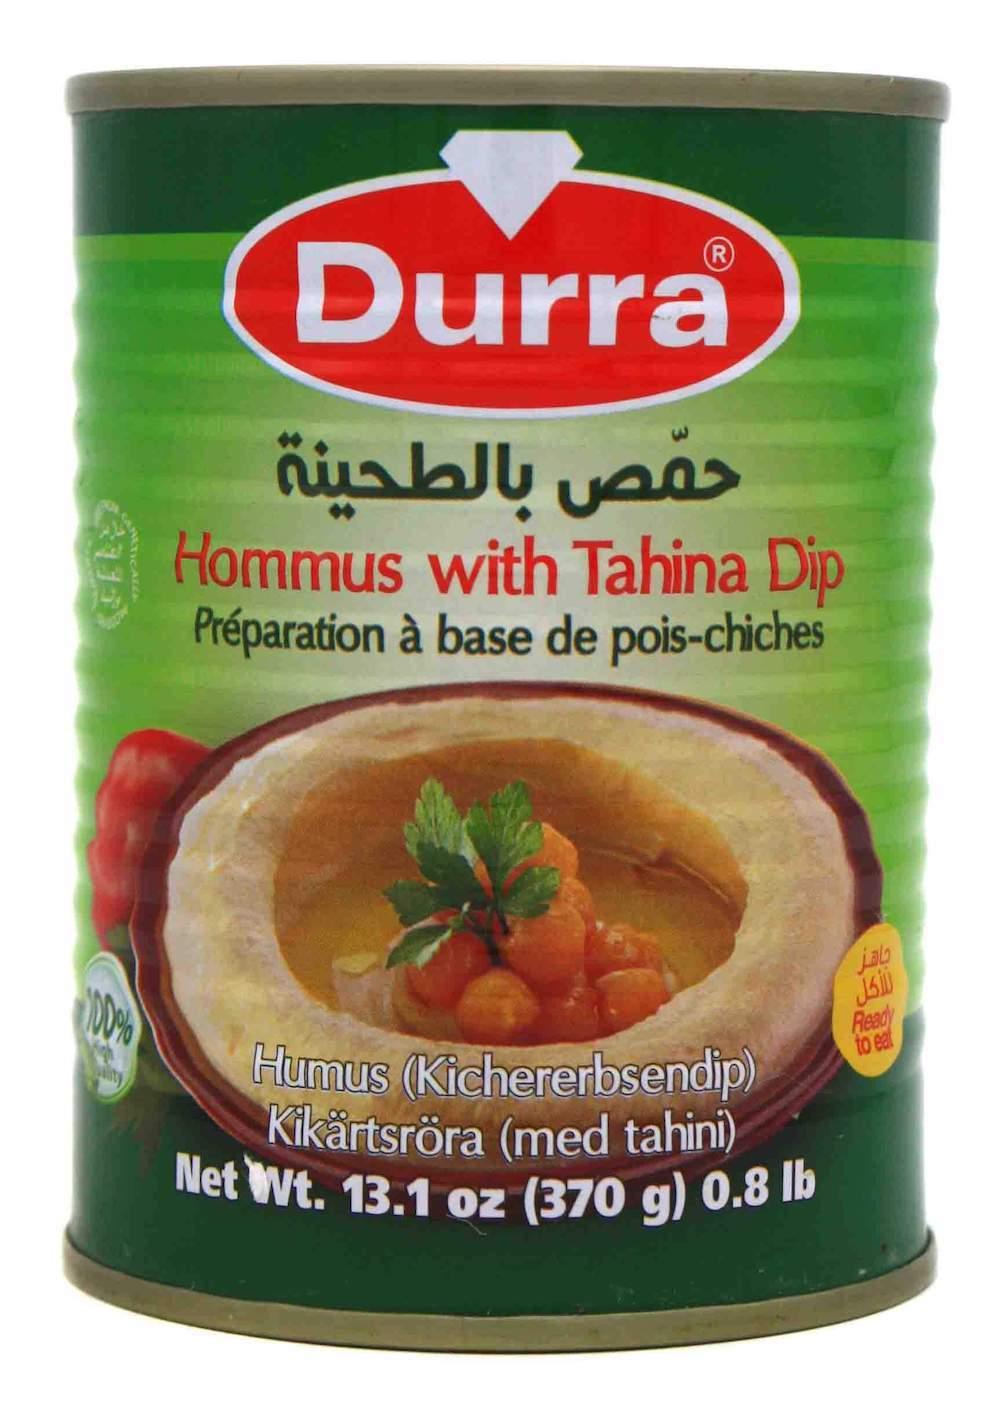 Новинки Хумус, Durra, 370 г import_files_f3_f372504333c611eba9da484d7ecee297_21d4b098406a11eba9db484d7ecee297.jpg